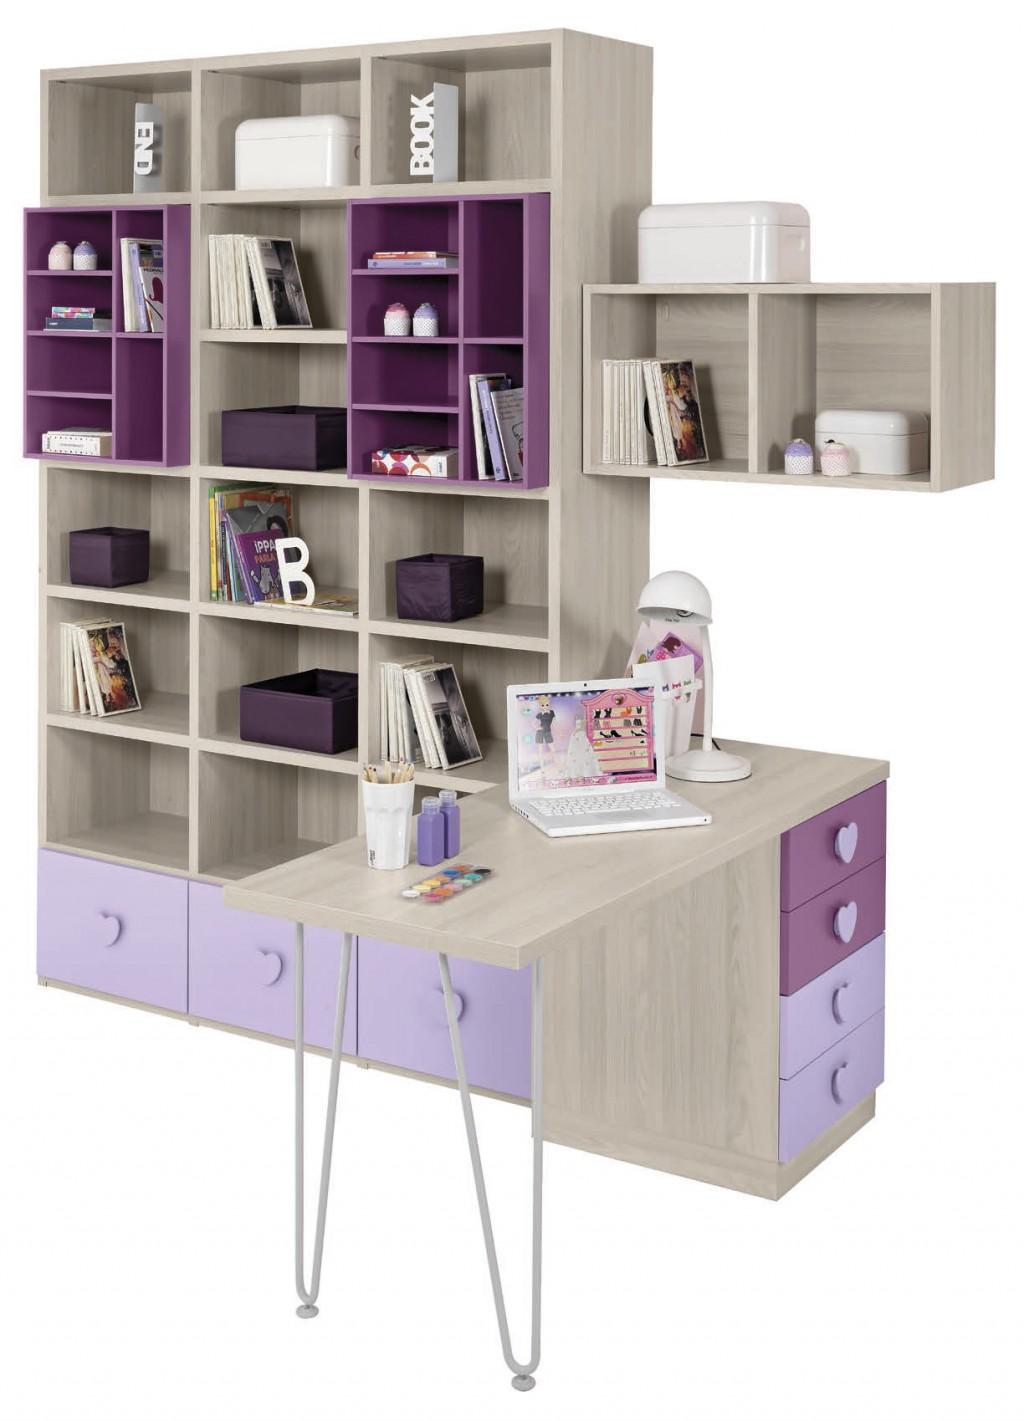 Workstation lineare igjcm59 cucine mobili di qualit al giusto prezzo milano monza - Cucine qualita prezzo ...